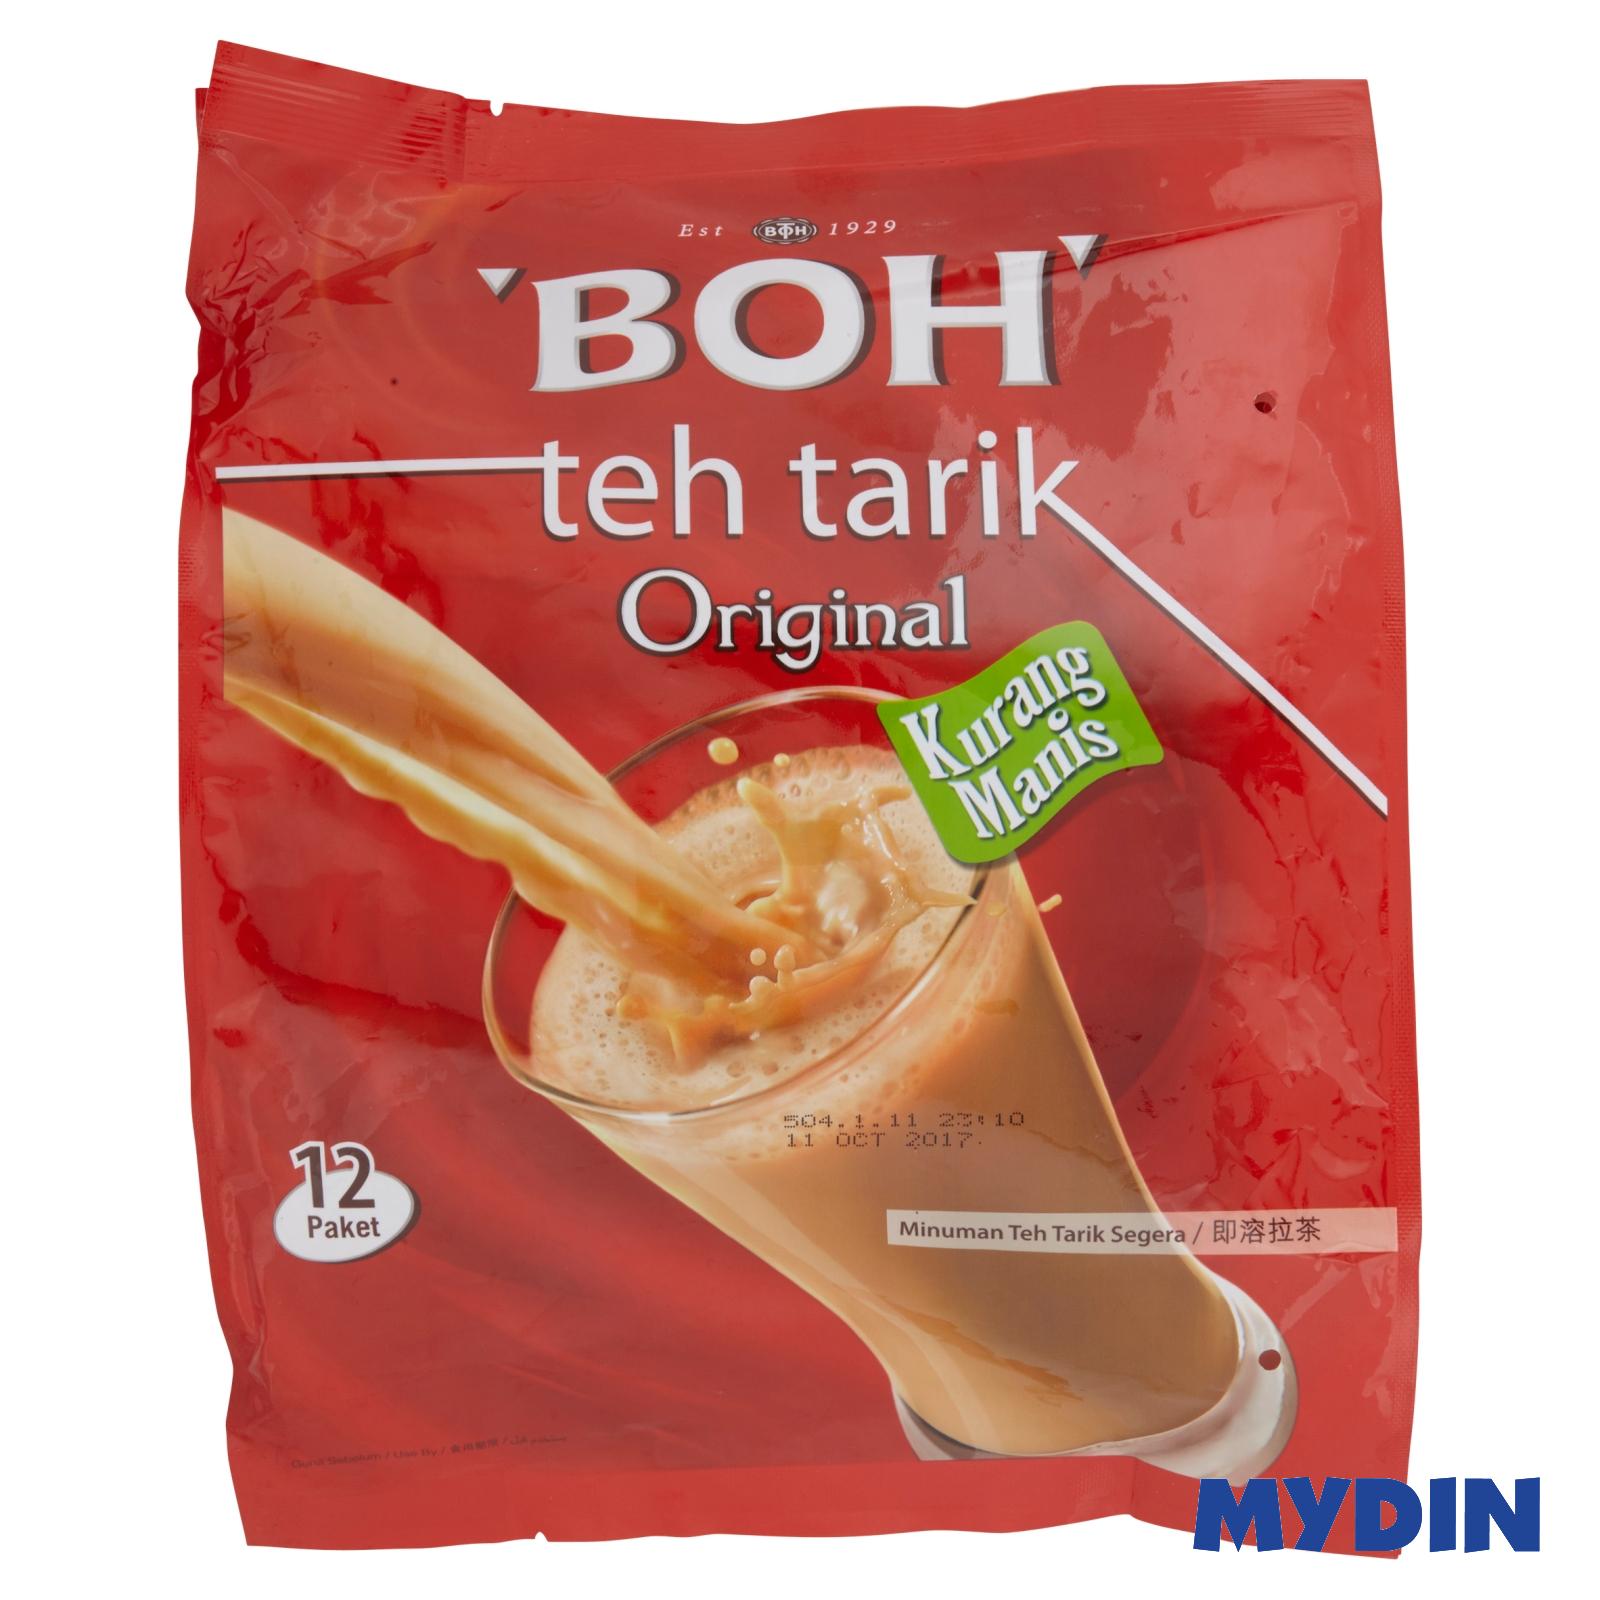 BOH 3 in 1 Teh Tarik Instant Milk Tea Beverage Original (27g x 12)